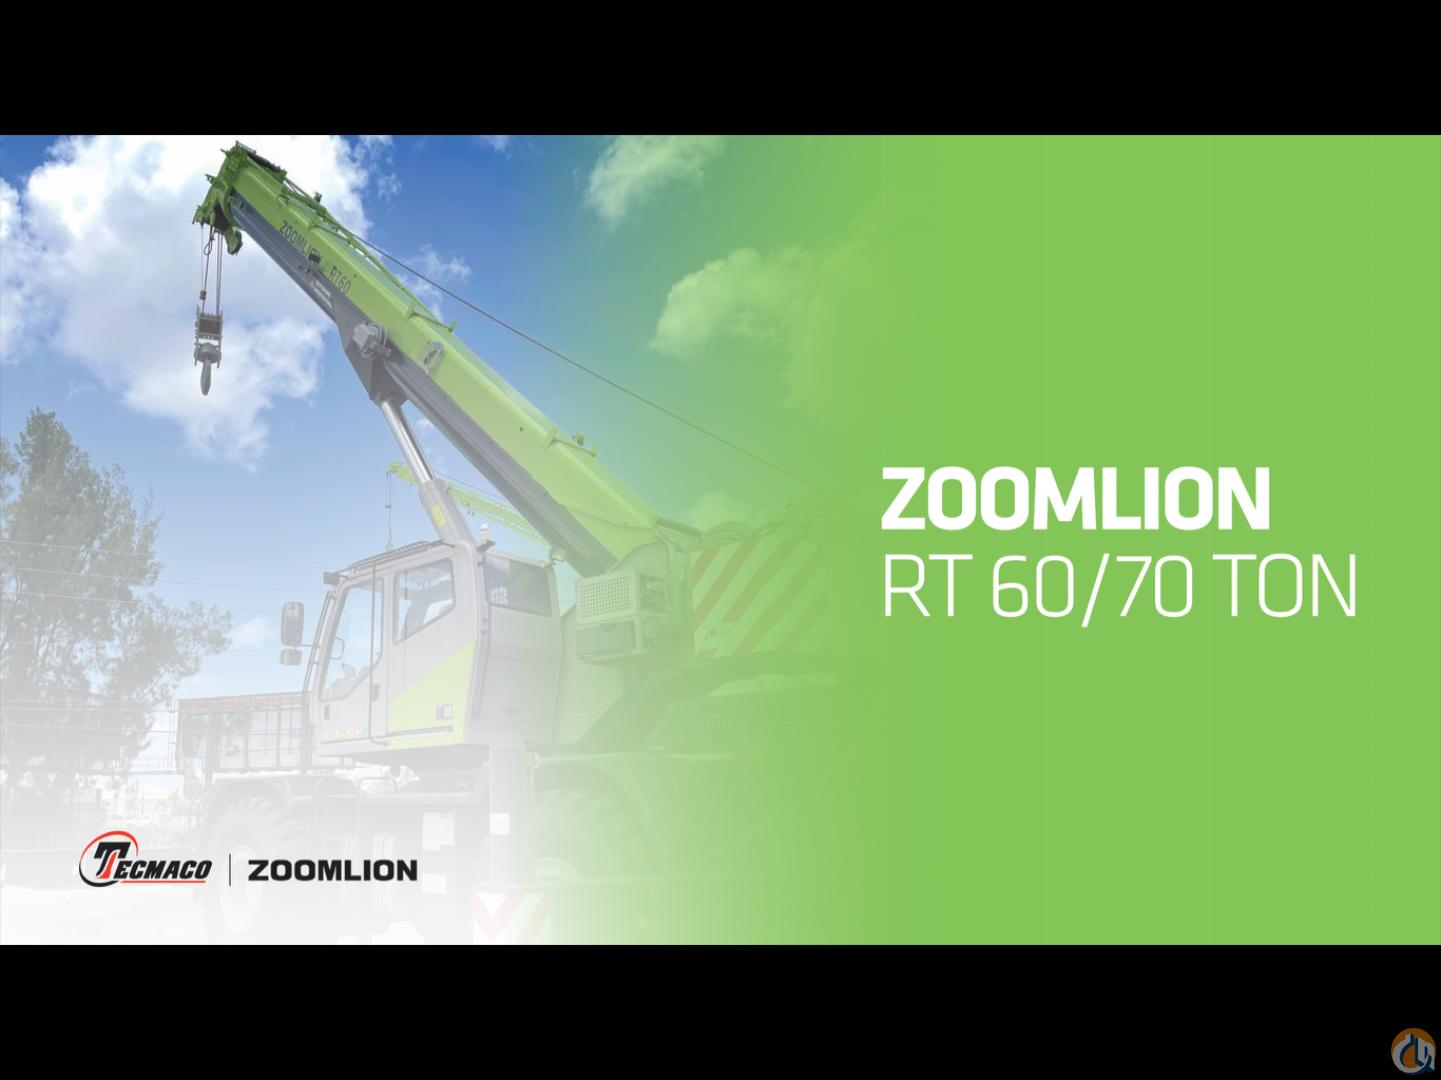 Zoomlion RT60